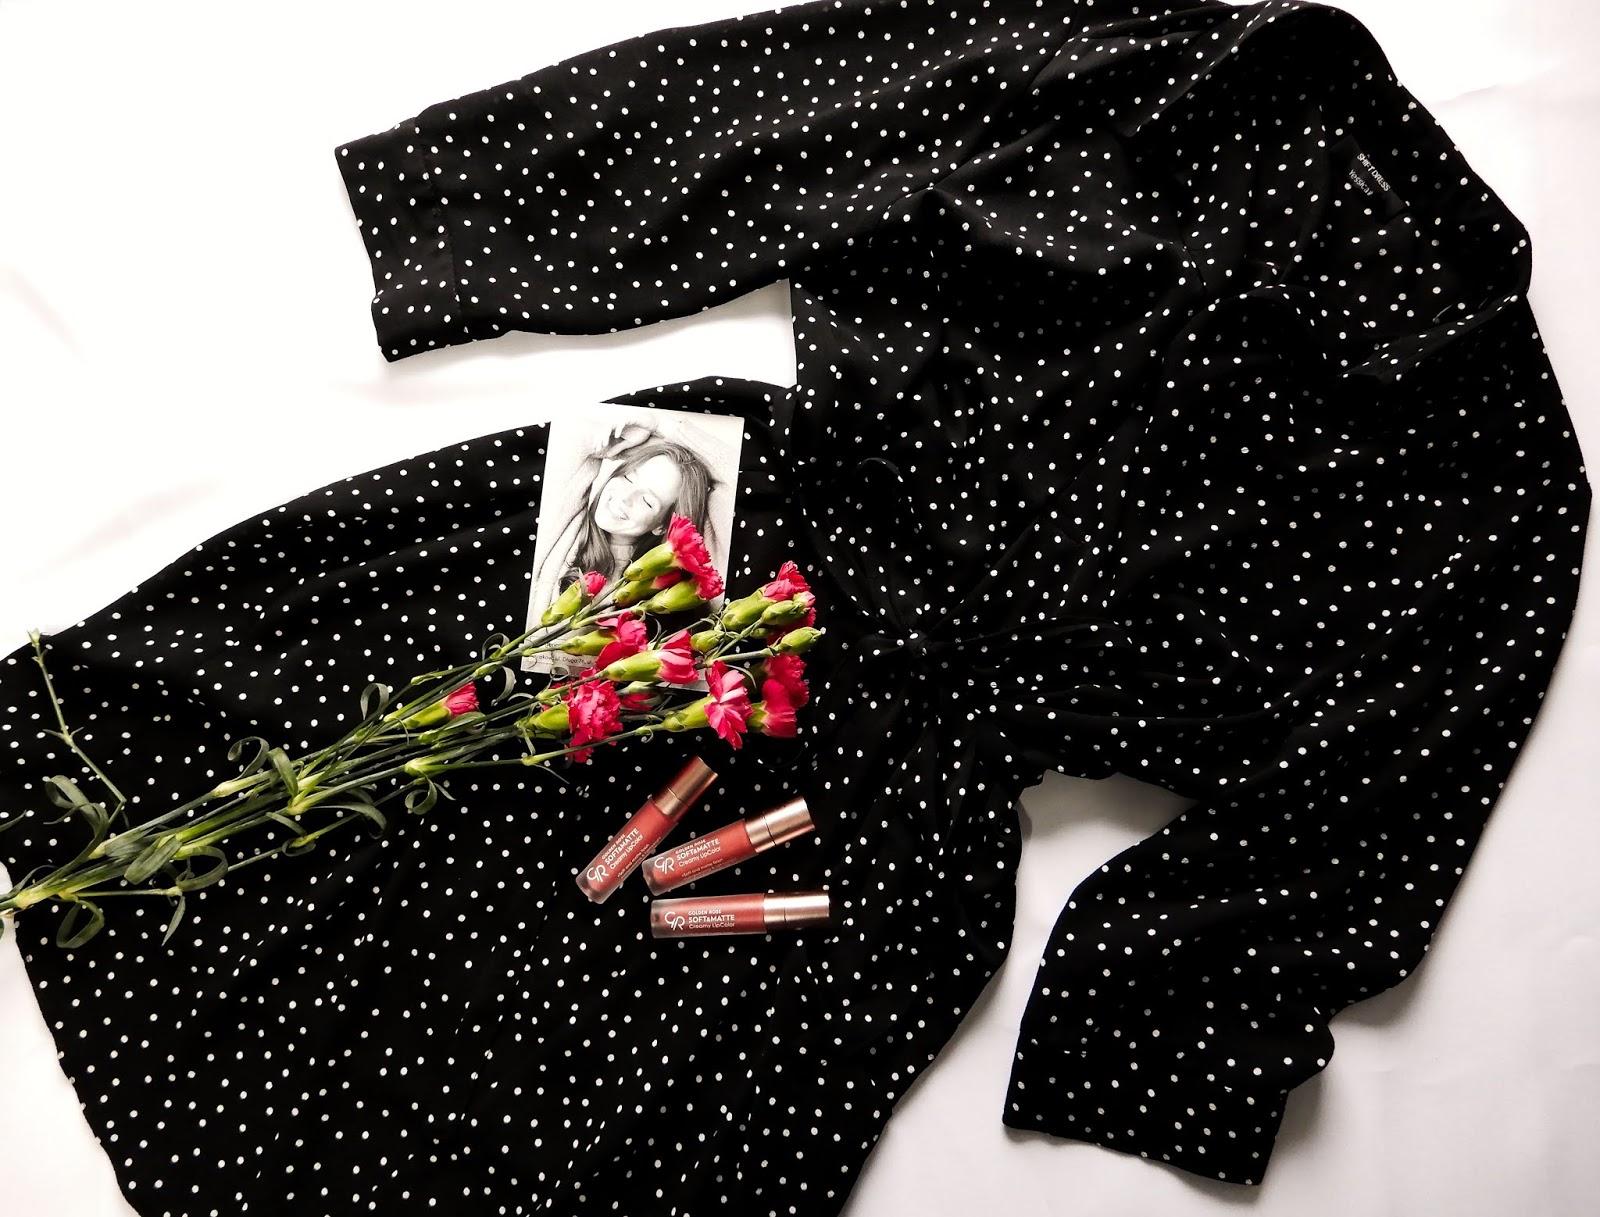 dzień kobiet 8 marca, blogerska akcja na dzień kobiet, życzenia na dzień kobiet, moja wizja kobiecości, kobiecość, sukienka w grochy, różowe goździki,